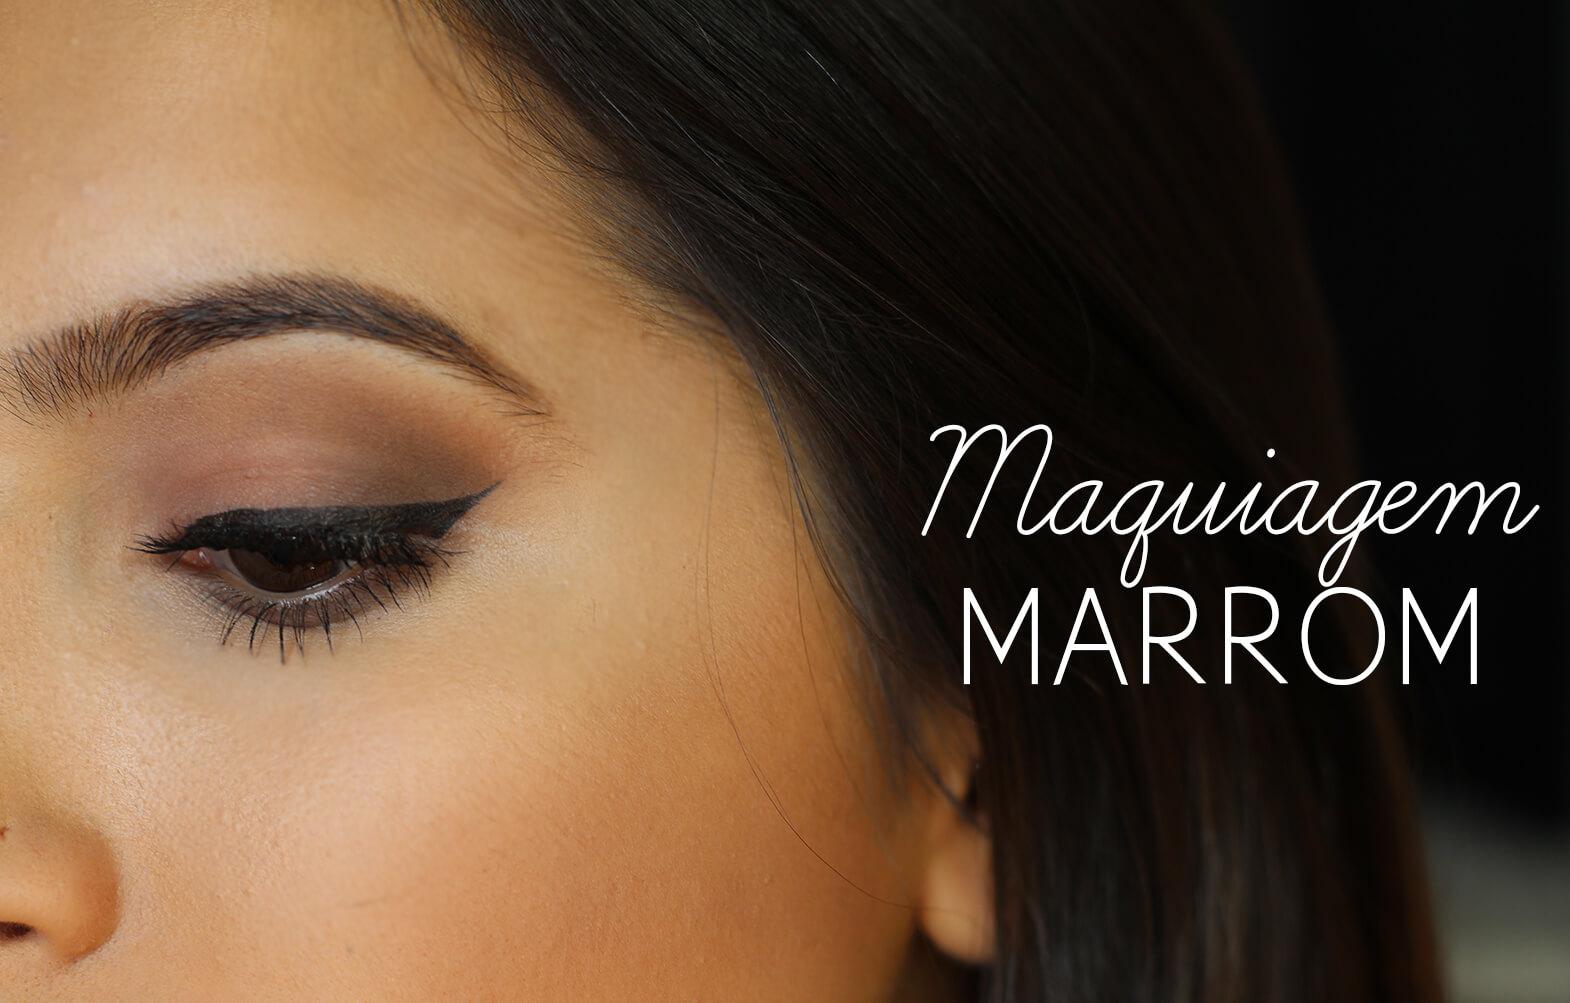 maquiagem marrom vult 2